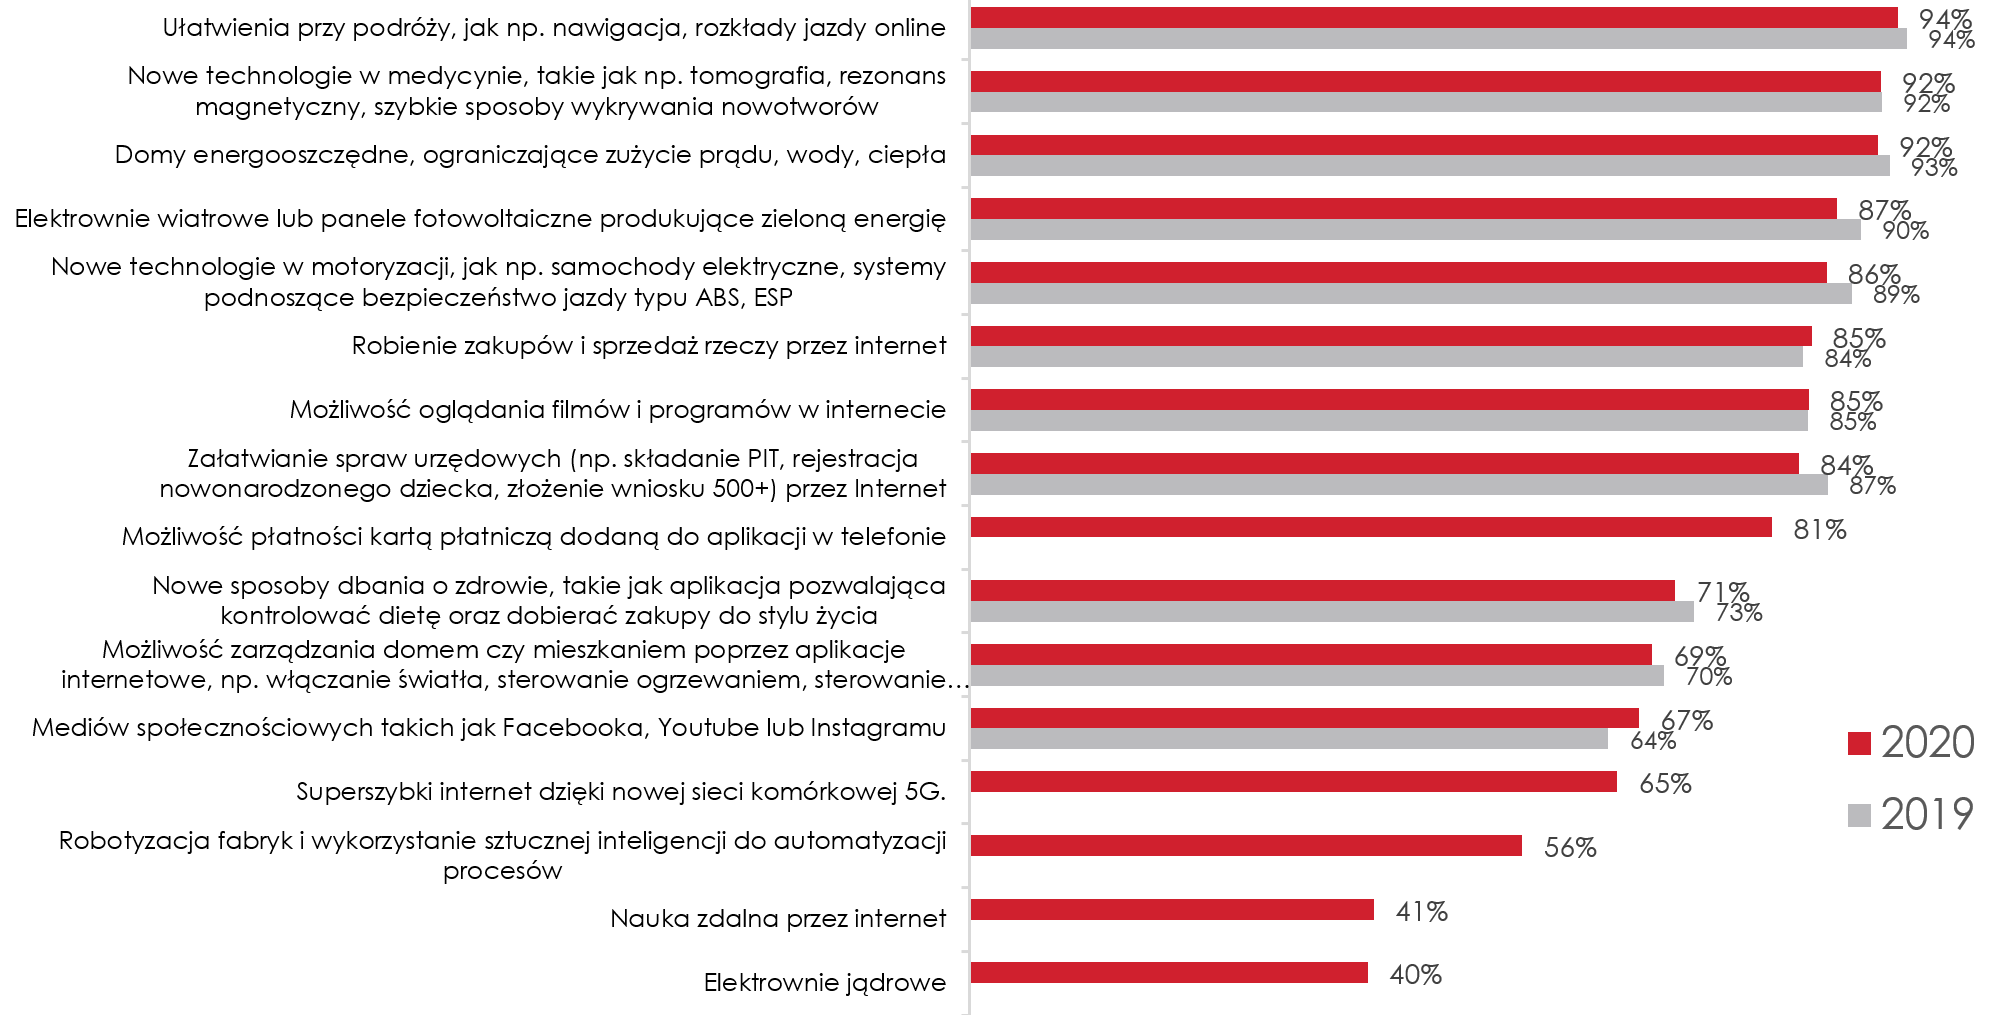 Pozytywne nastawienie Polaków do wybranych technologii